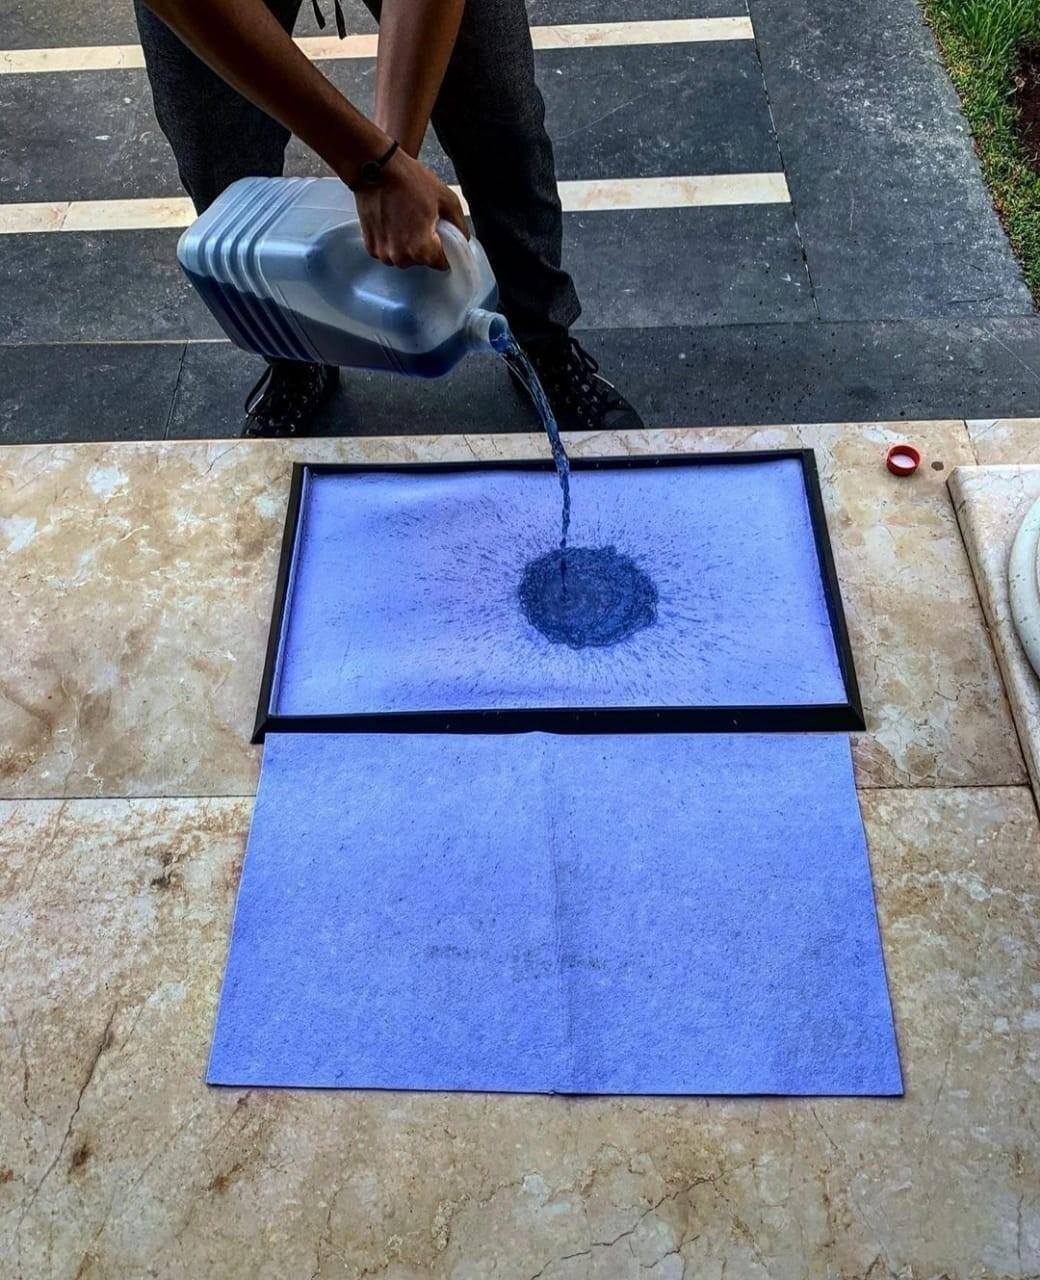 tapis desinfectant rechargeable pour chaussure bleu